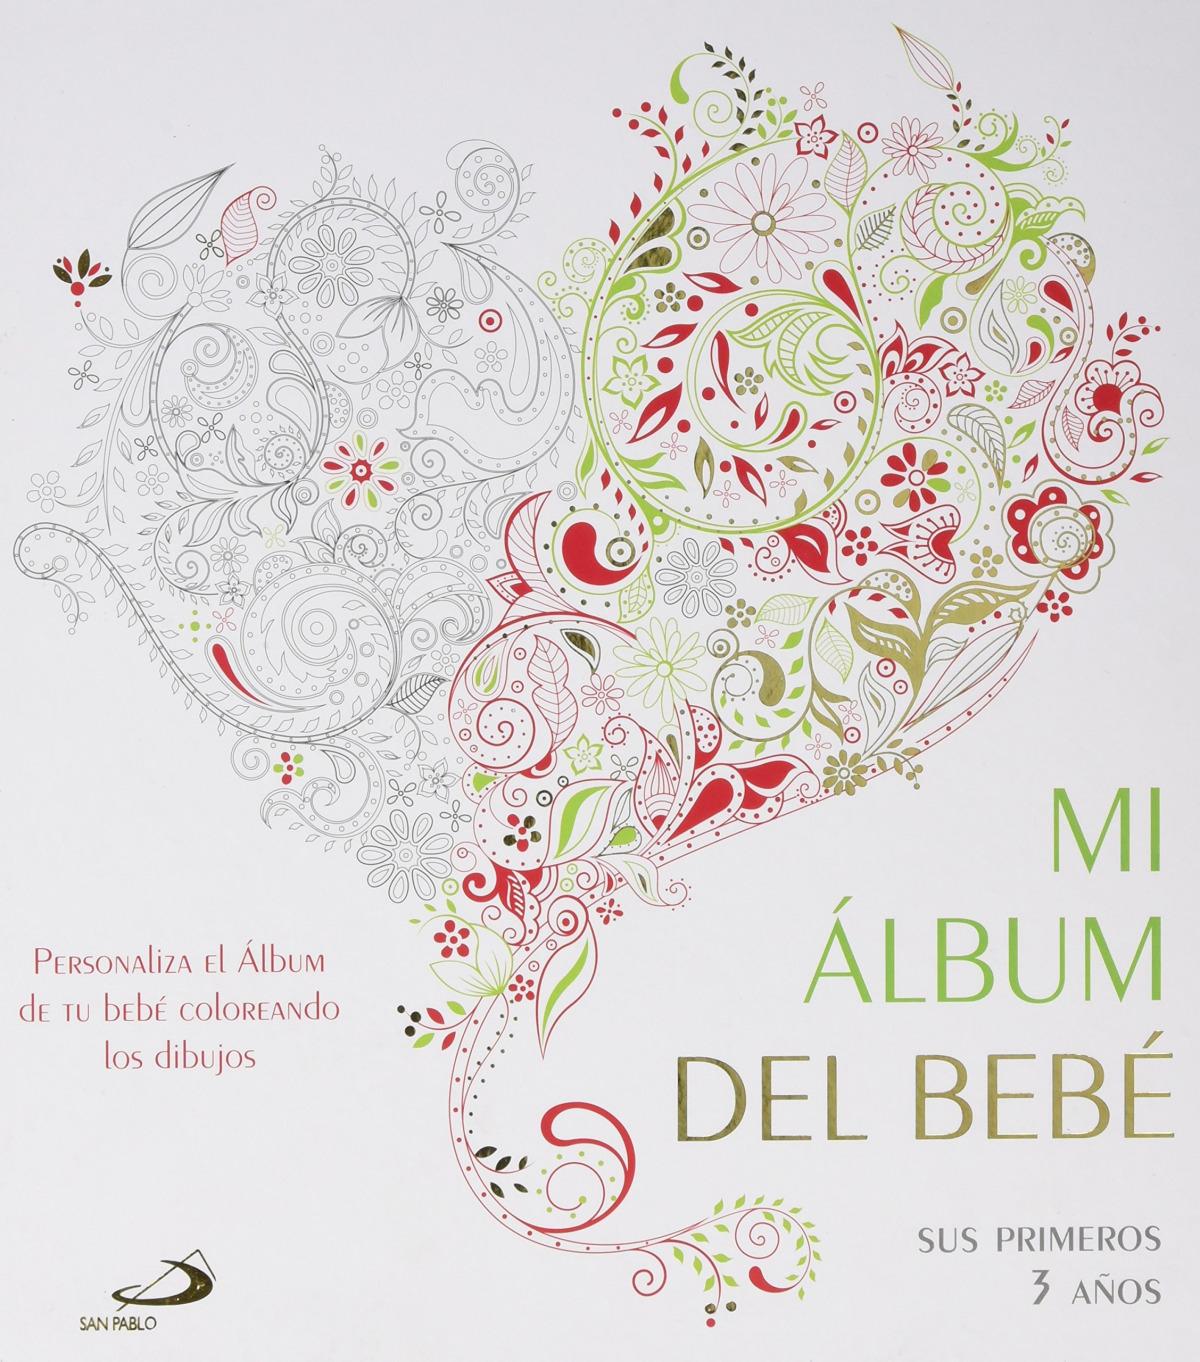 Mi álbum del bebé 9788428549394